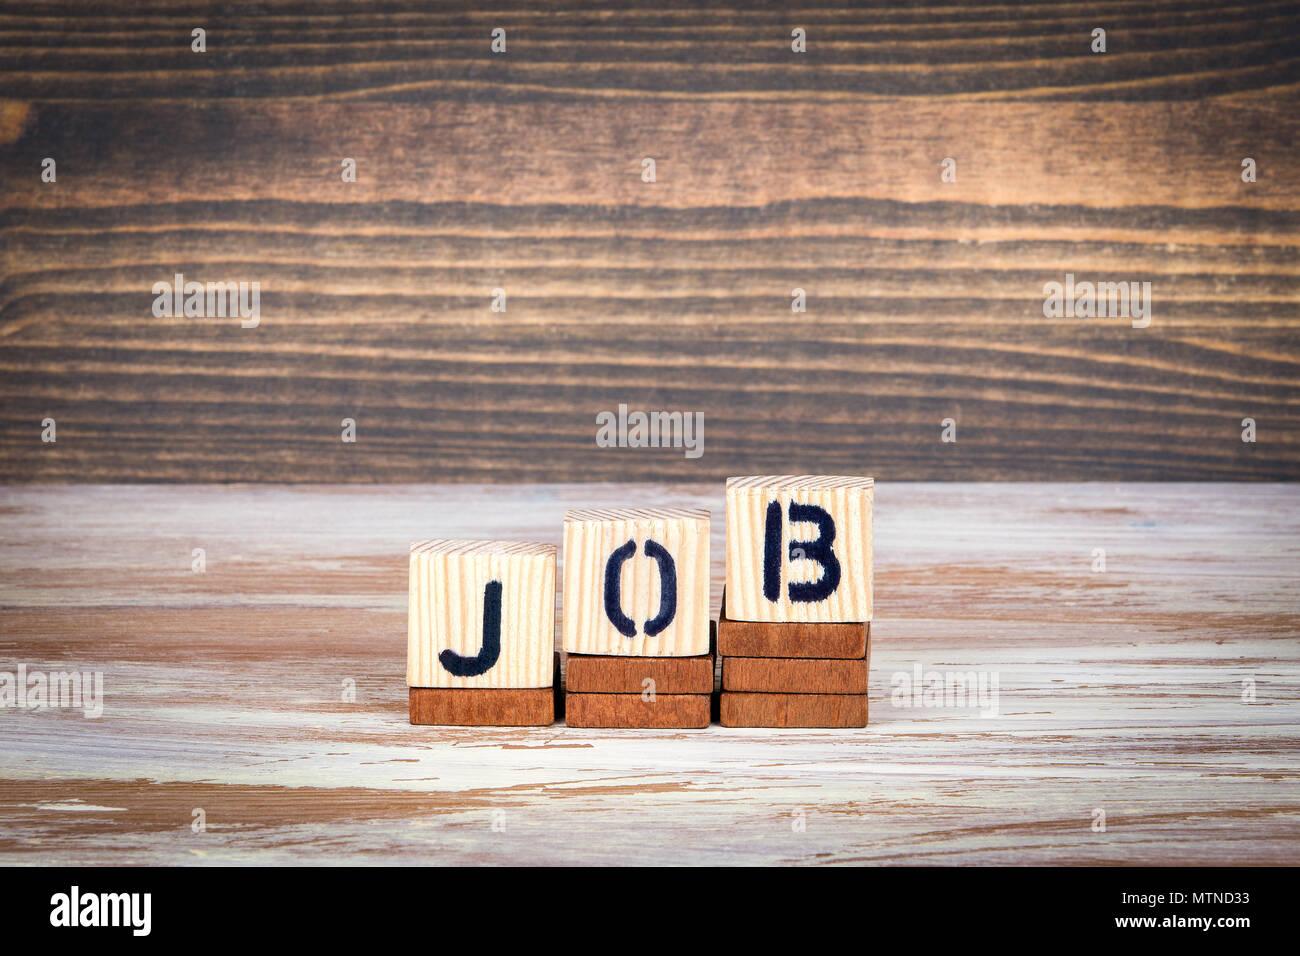 Lavoro e carriera business, il concetto di istruzione. Lettere di legno sulla scrivania in ufficio, informativo e sfondo di comunicazione Immagini Stock